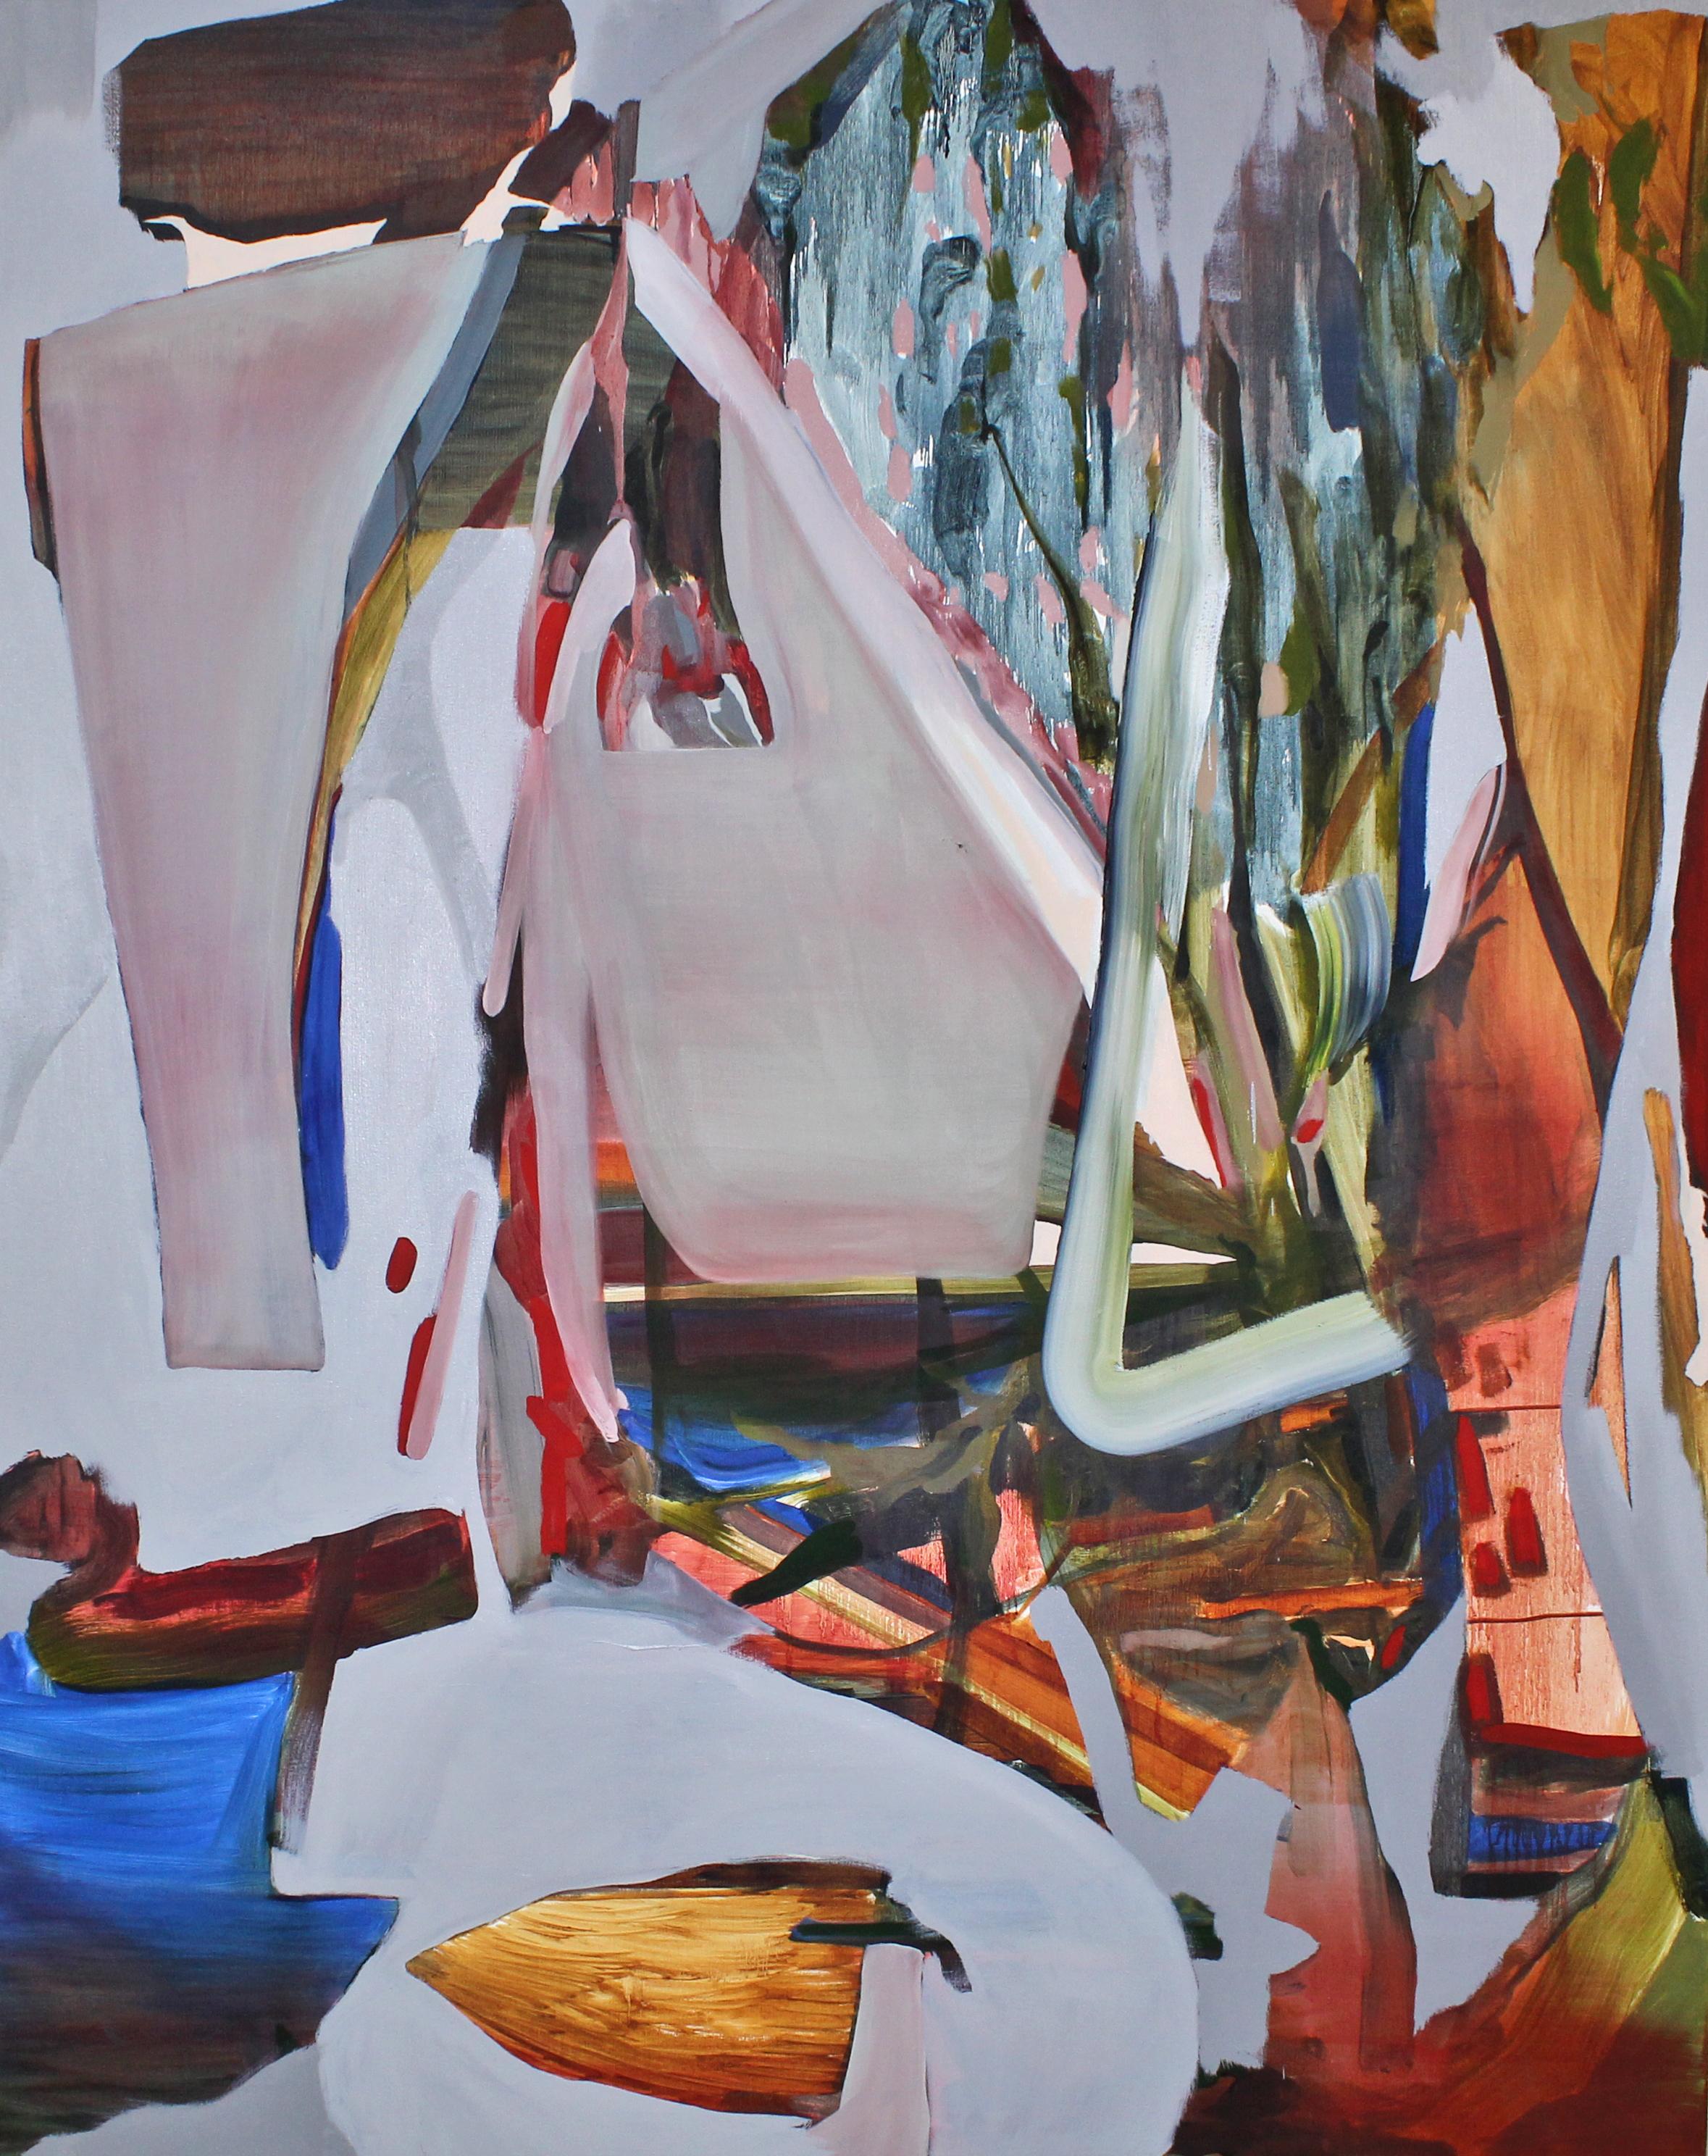 Lemongrass. 48 x 56 in. oil on canvas. 2019.